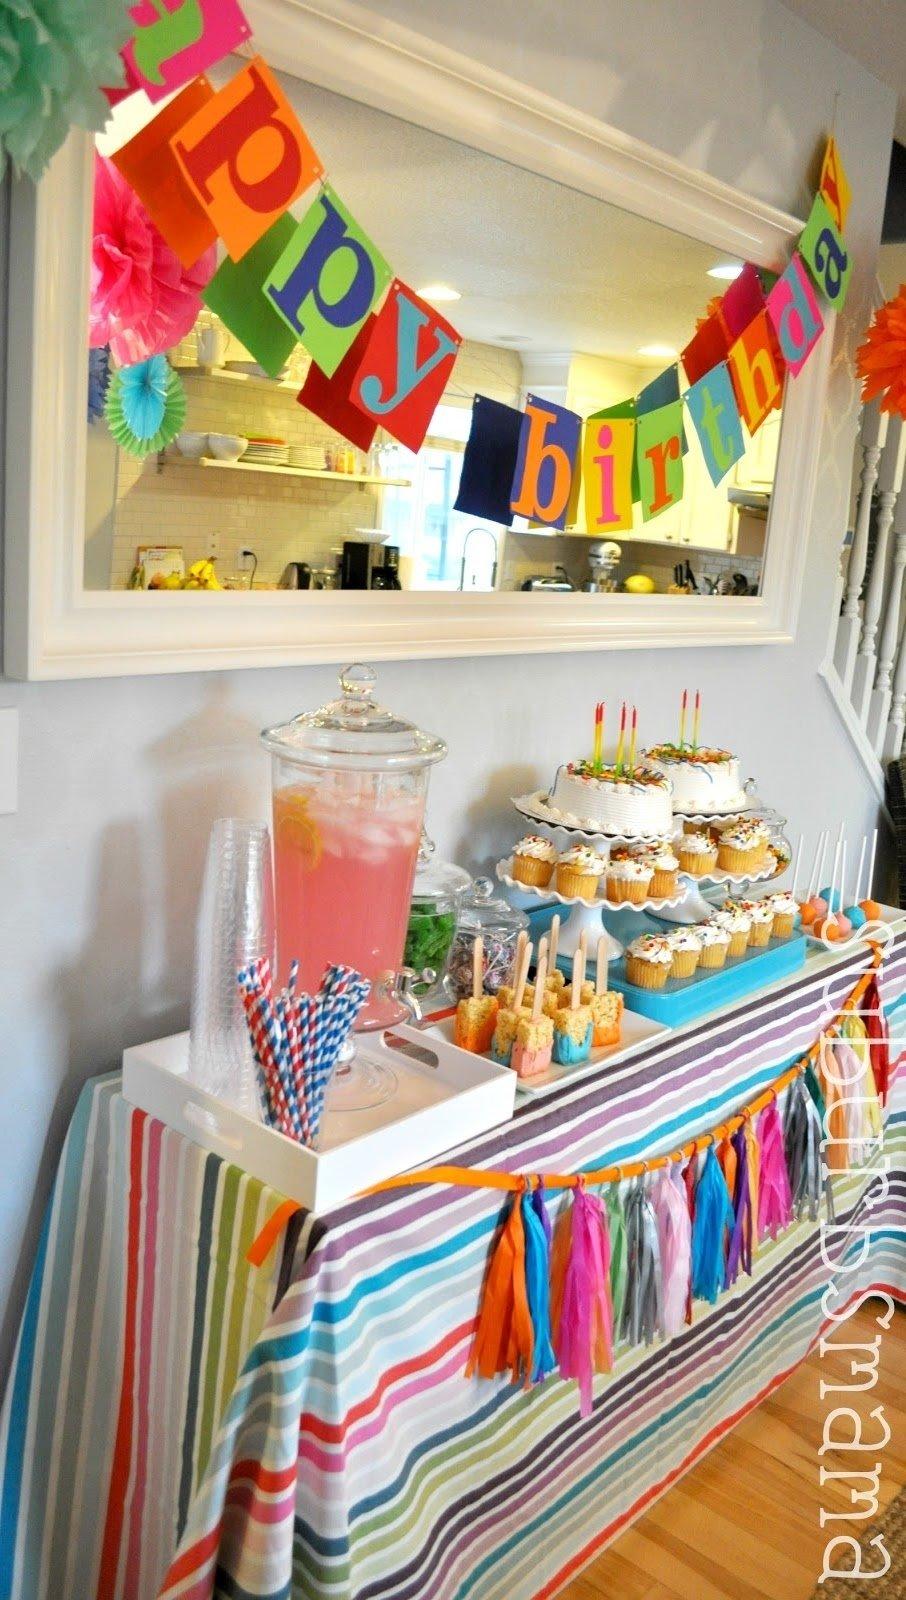 10 Stunning Kids Birthday Party Ideas Pinterest suburbs mama darling kids birthday party ideas birthday 2020